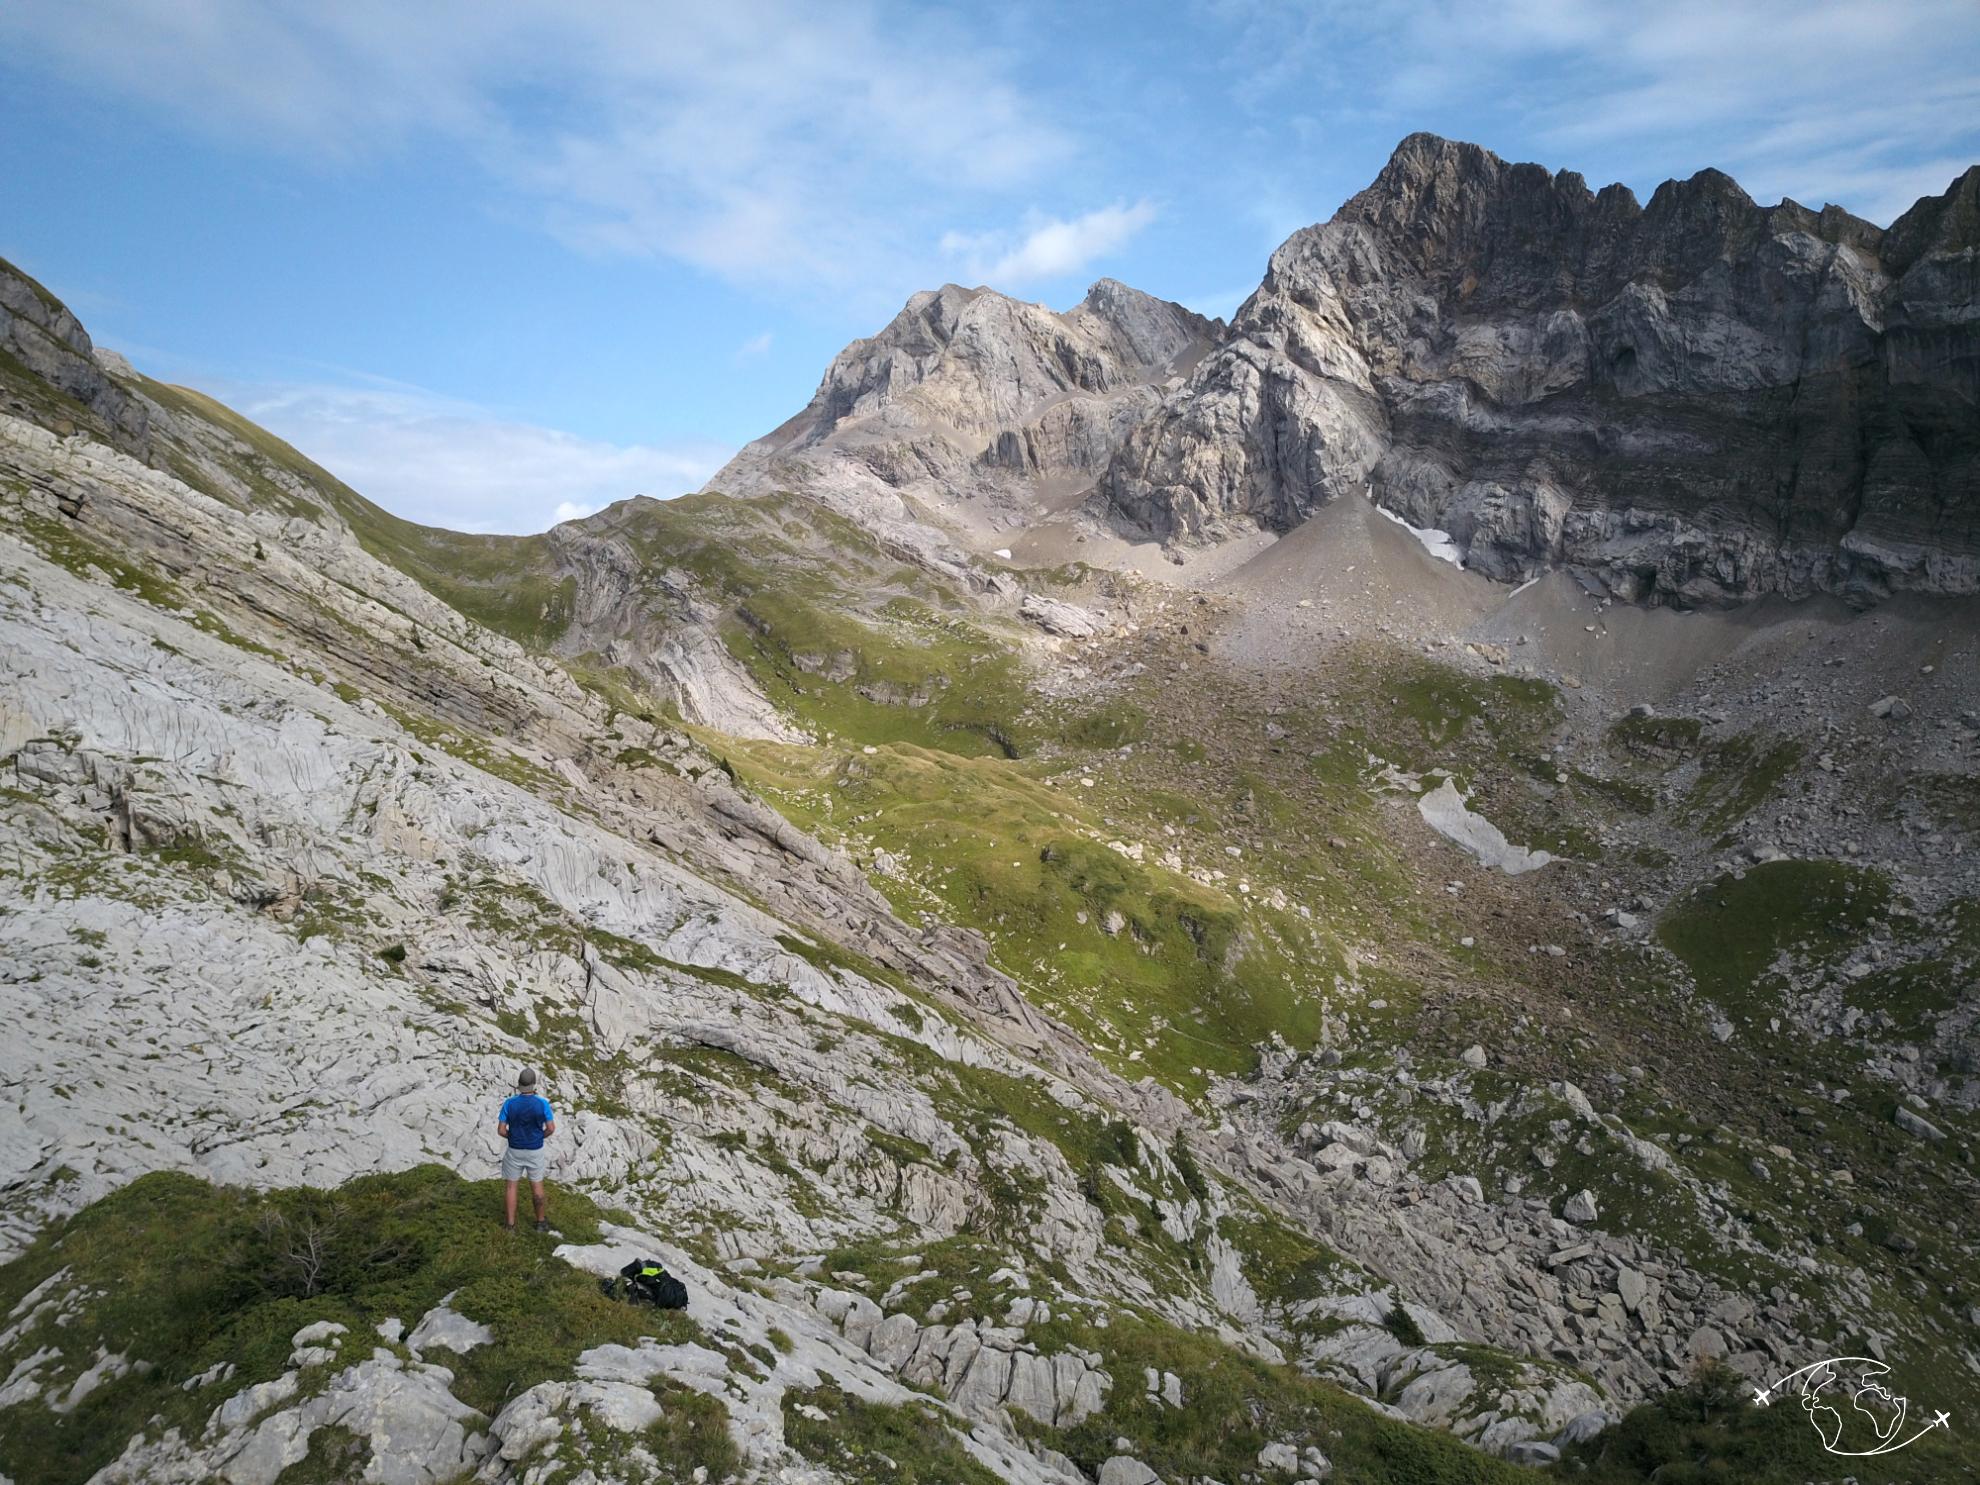 Benoît a contemplé de superbes paysages durant son voyage autour du monde